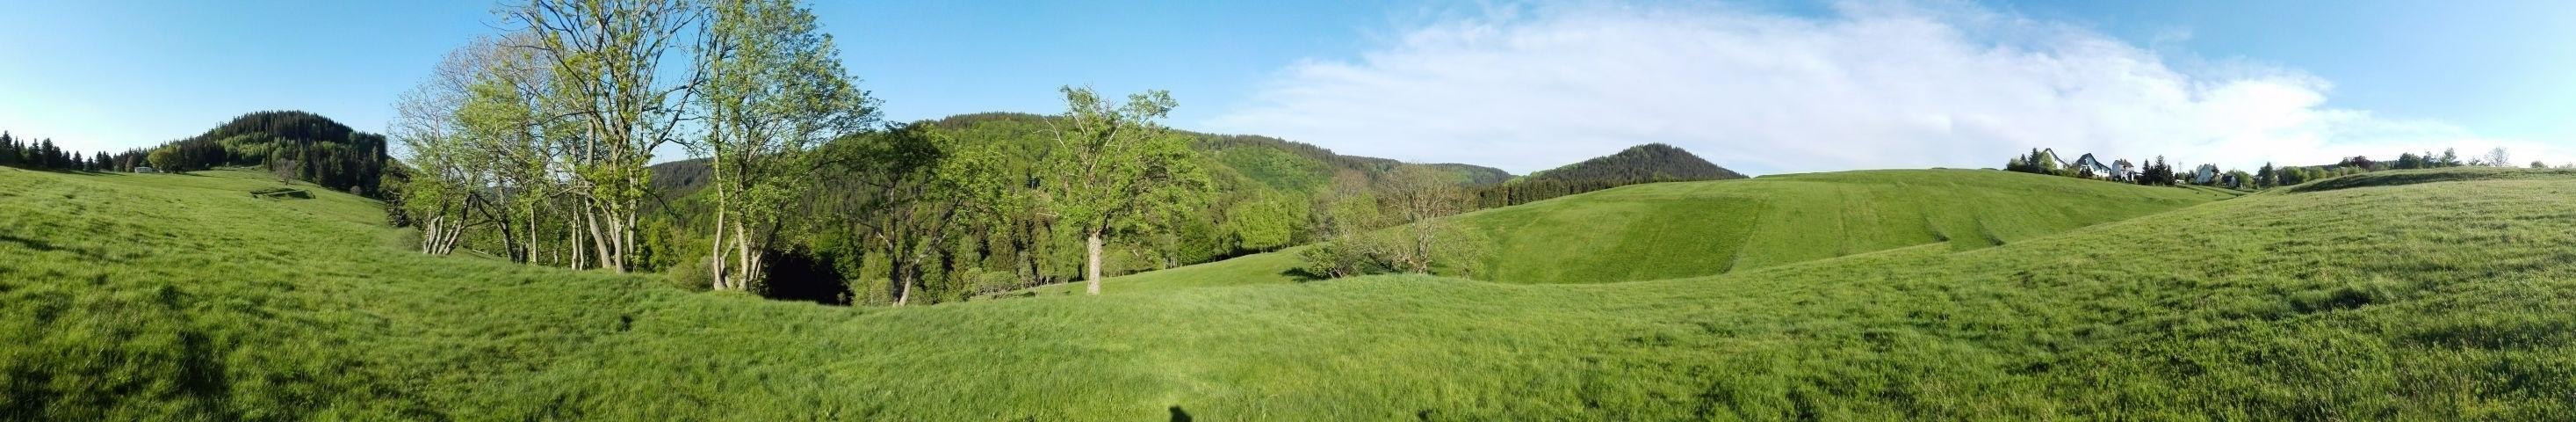 Sommer in Gehlberg